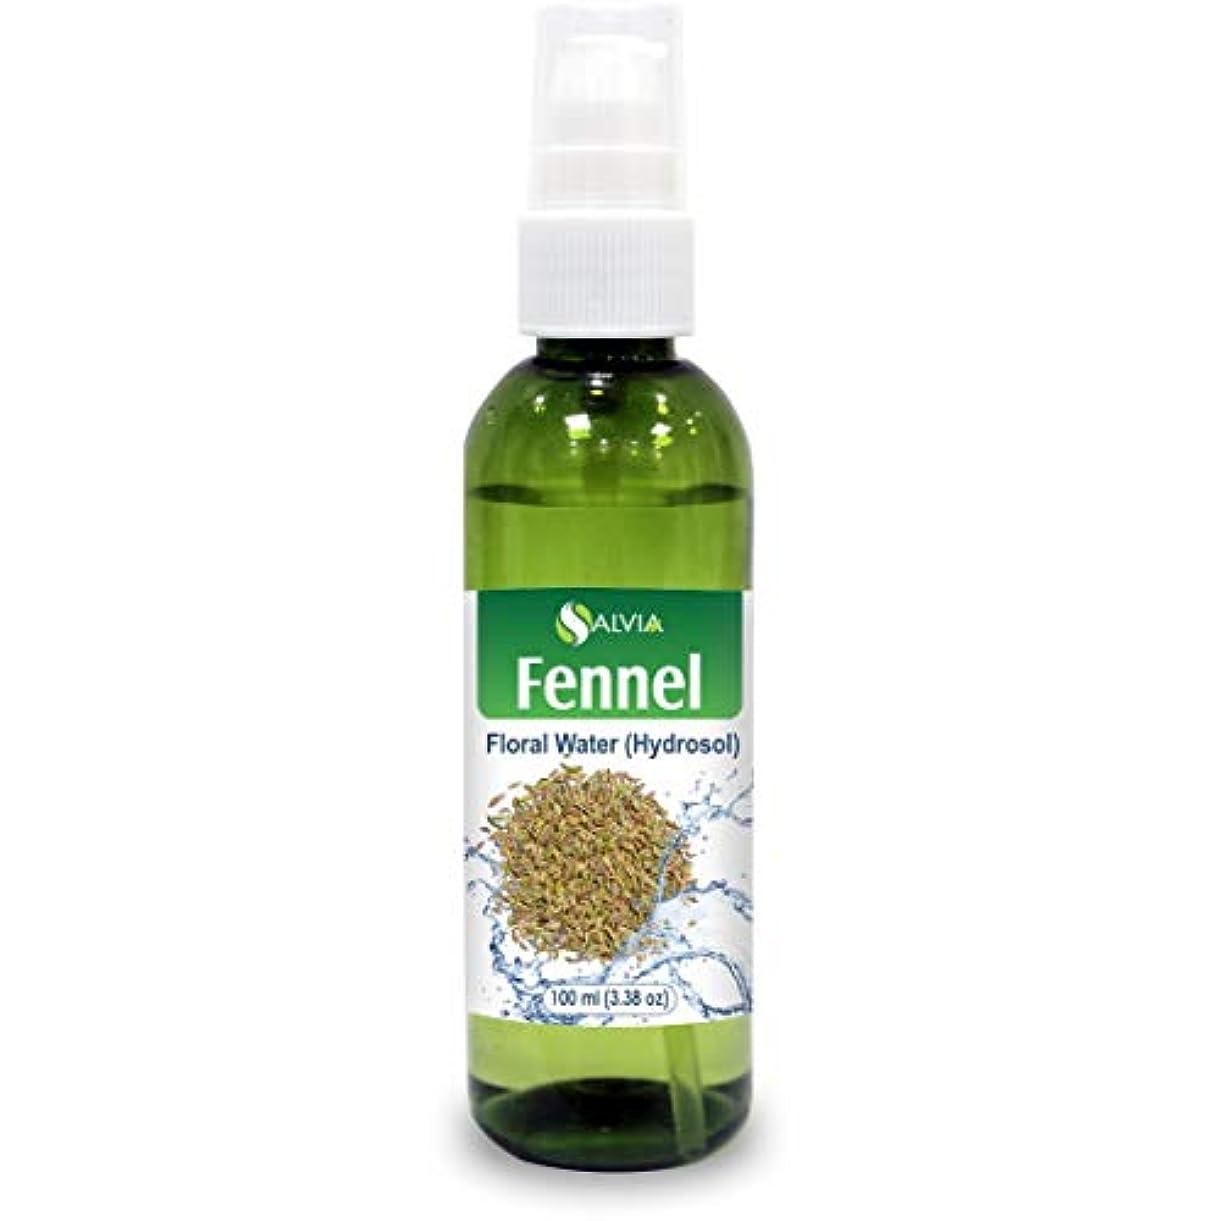 デイジー胚芽外向きFennel Floral Water 100ml (Hydrosol) 100% Pure And Natural